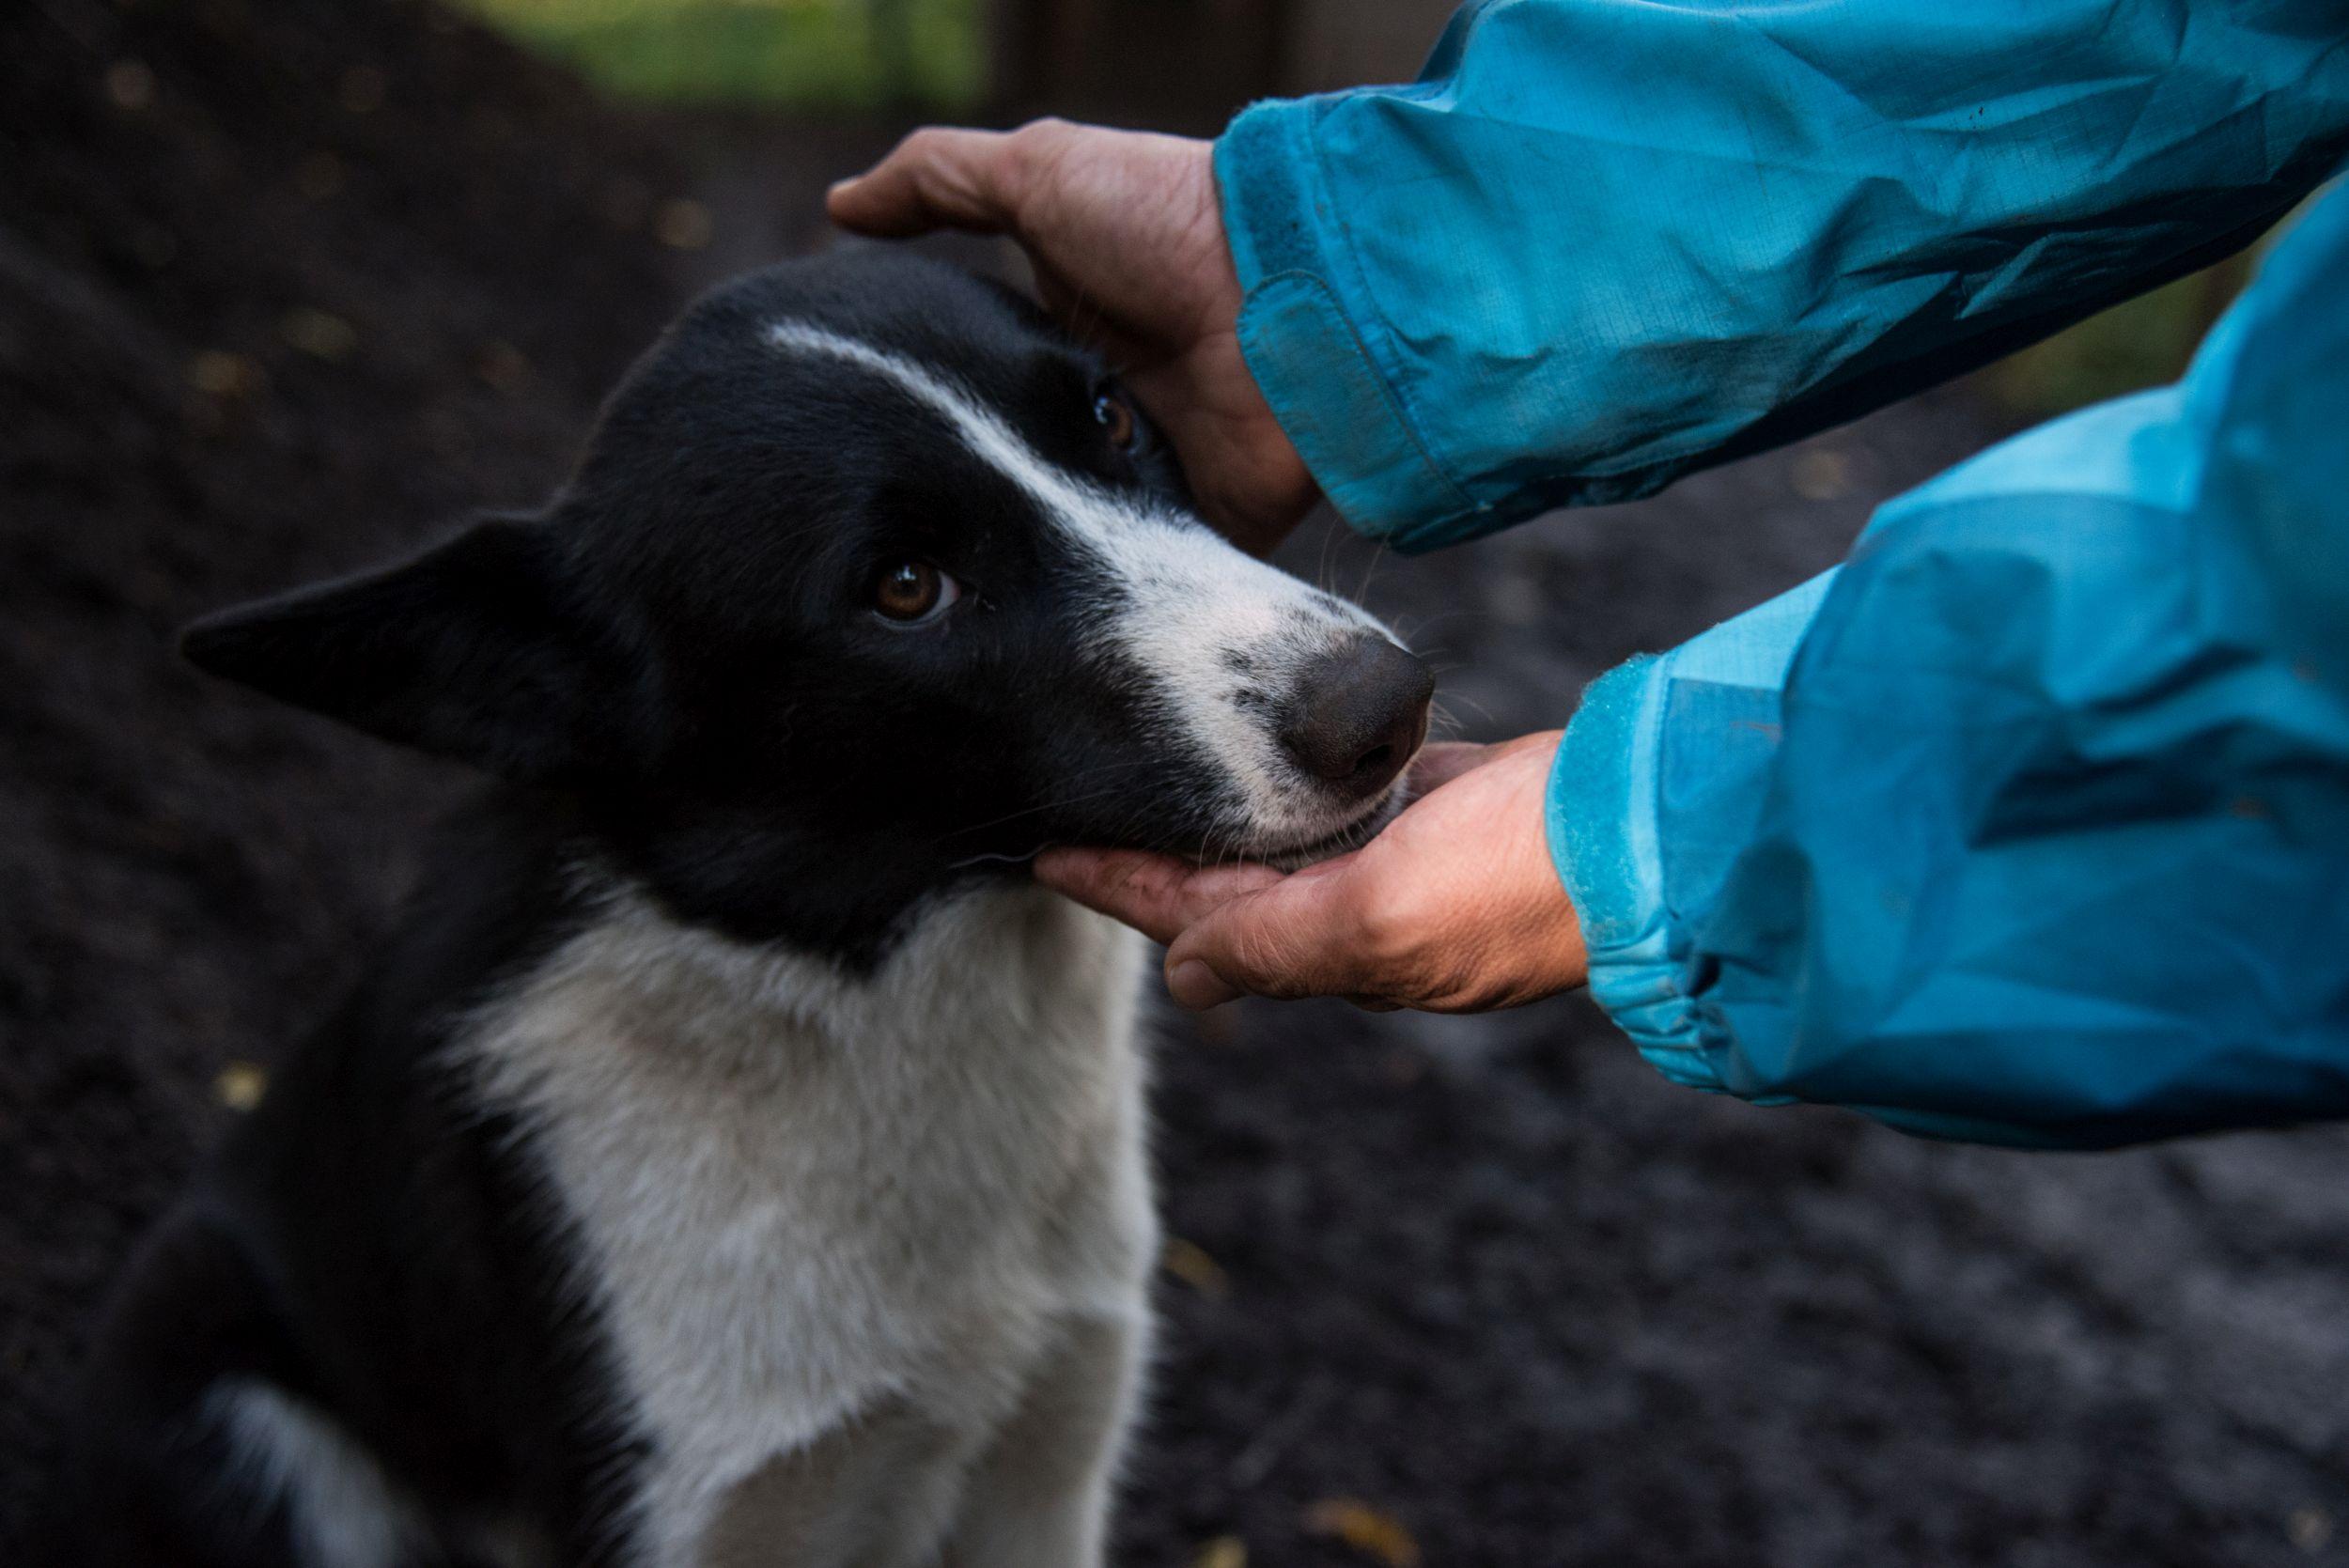 Karelian bear dog was trained to